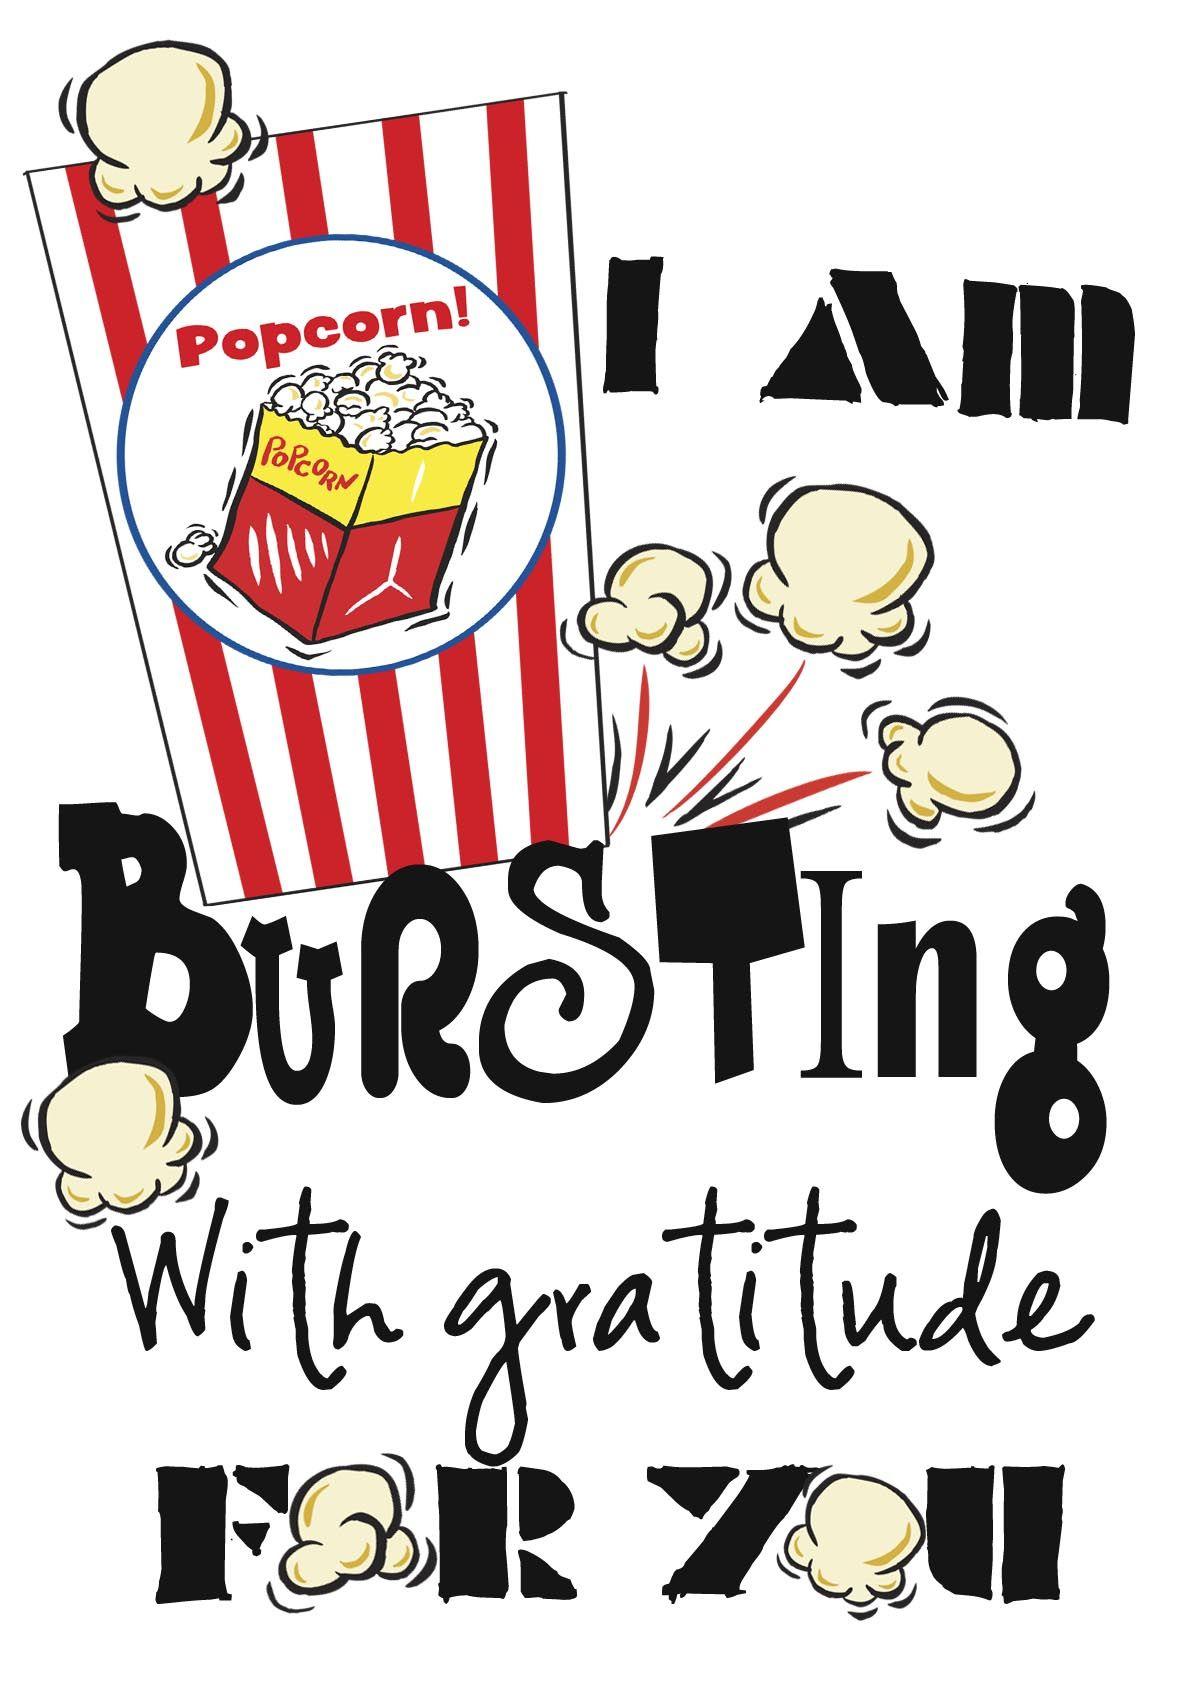 Pinamy Knight On Craft Ideas | Teacher Appreciation Gifts - Free Popcorn Teacher Appreciation Printable